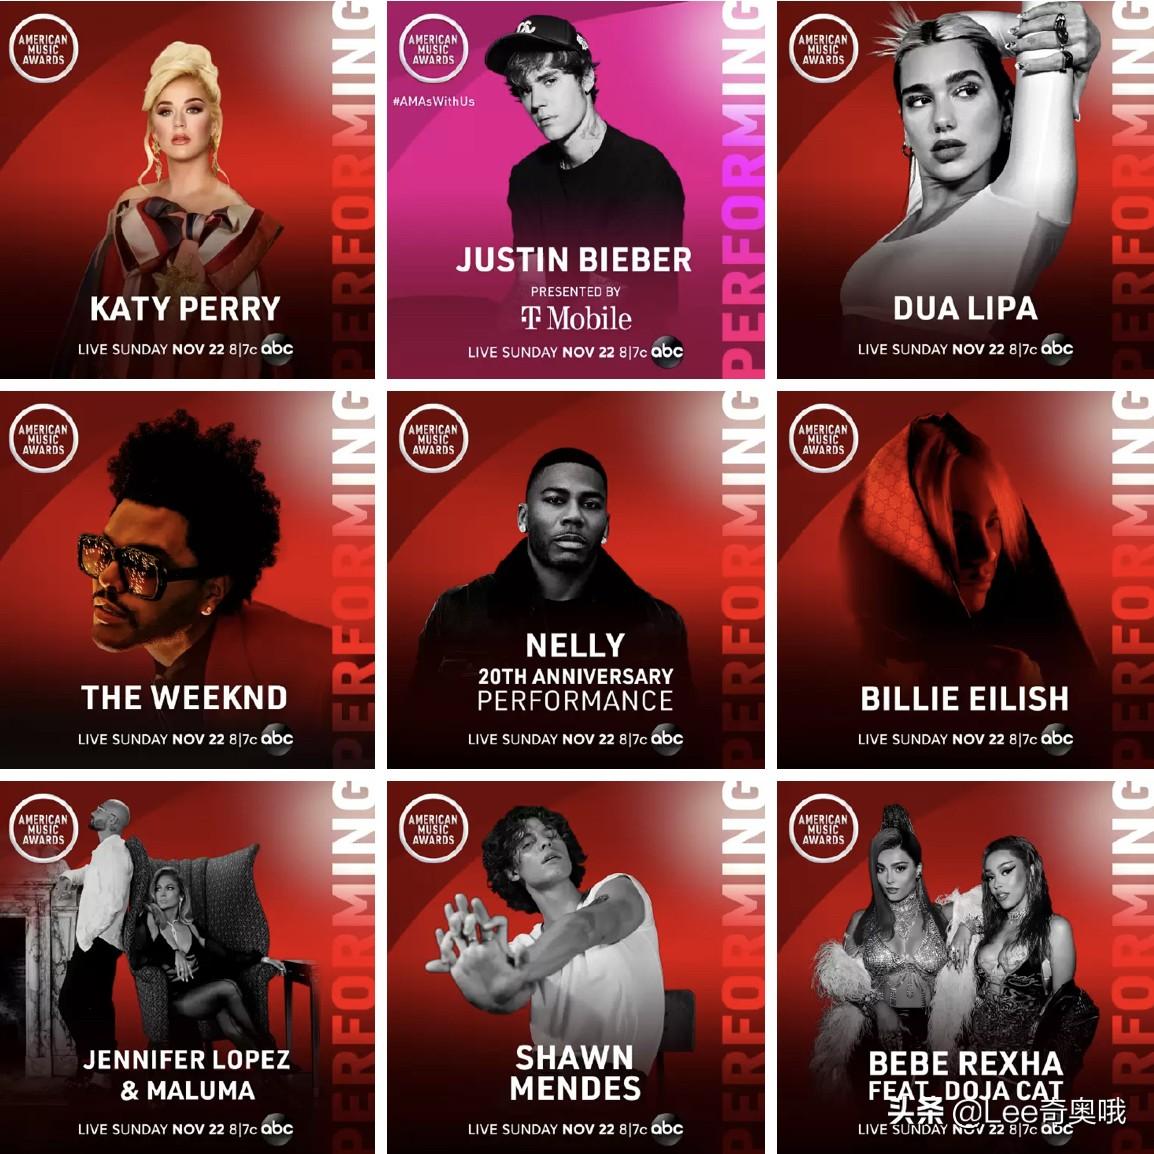 2020全美音樂獎 Taylor Swift、比伯等歌手獲獎